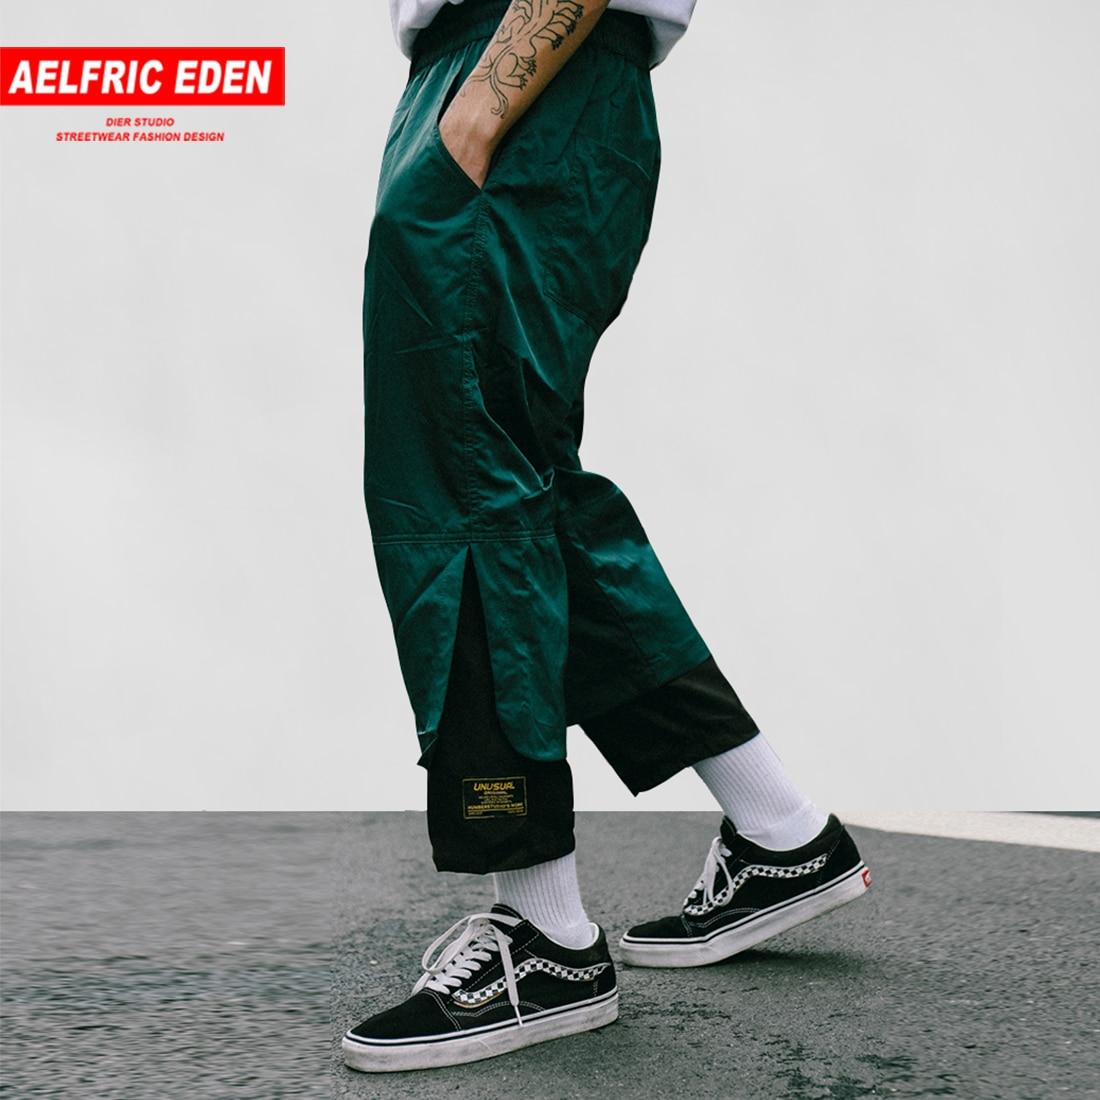 Aelfric Eden Patchwork Fashion Joggers Men Calf-length Harem Pants Summer Hip Hop Jogger 2019 High Street Skateboard Streetwear